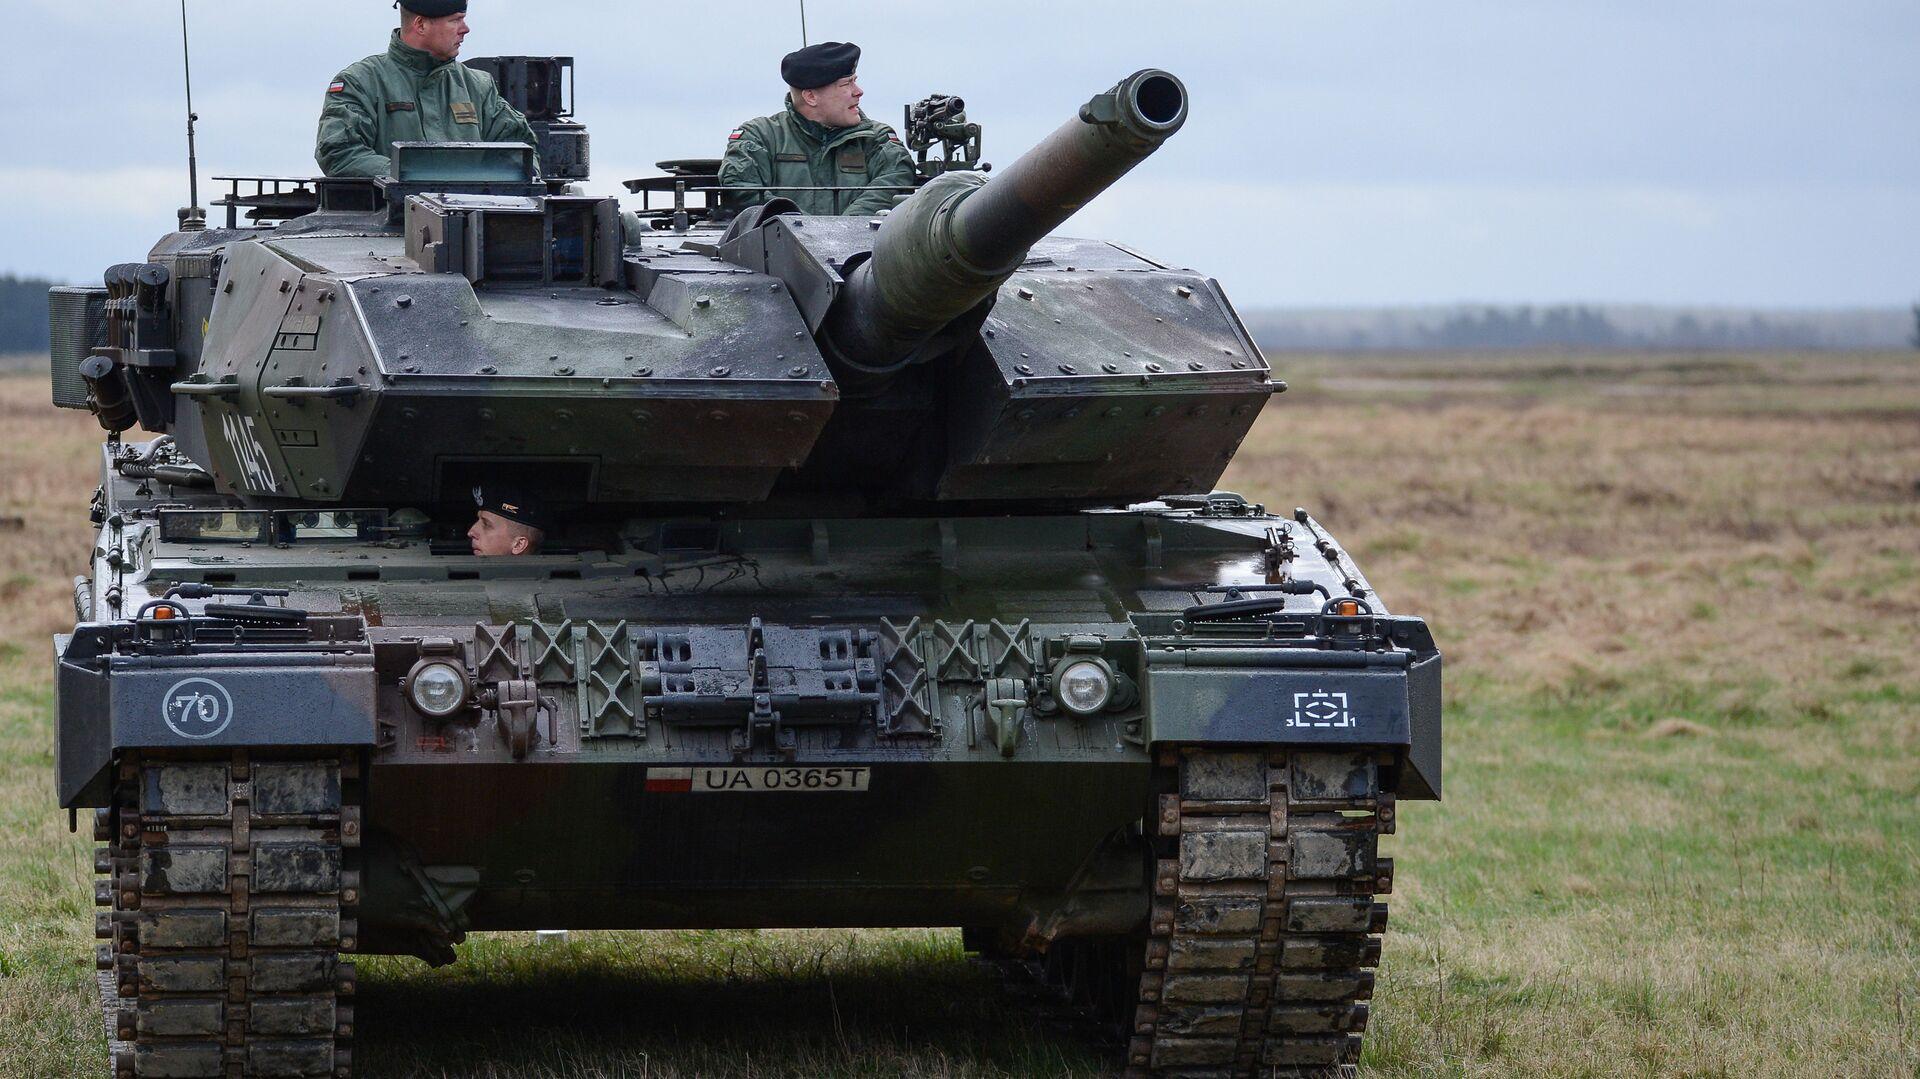 Танк PT-91 Тварды на церемонии приветствия многонационального батальона НАТО под руководством США в польском Ожише - РИА Новости, 1920, 31.03.2021